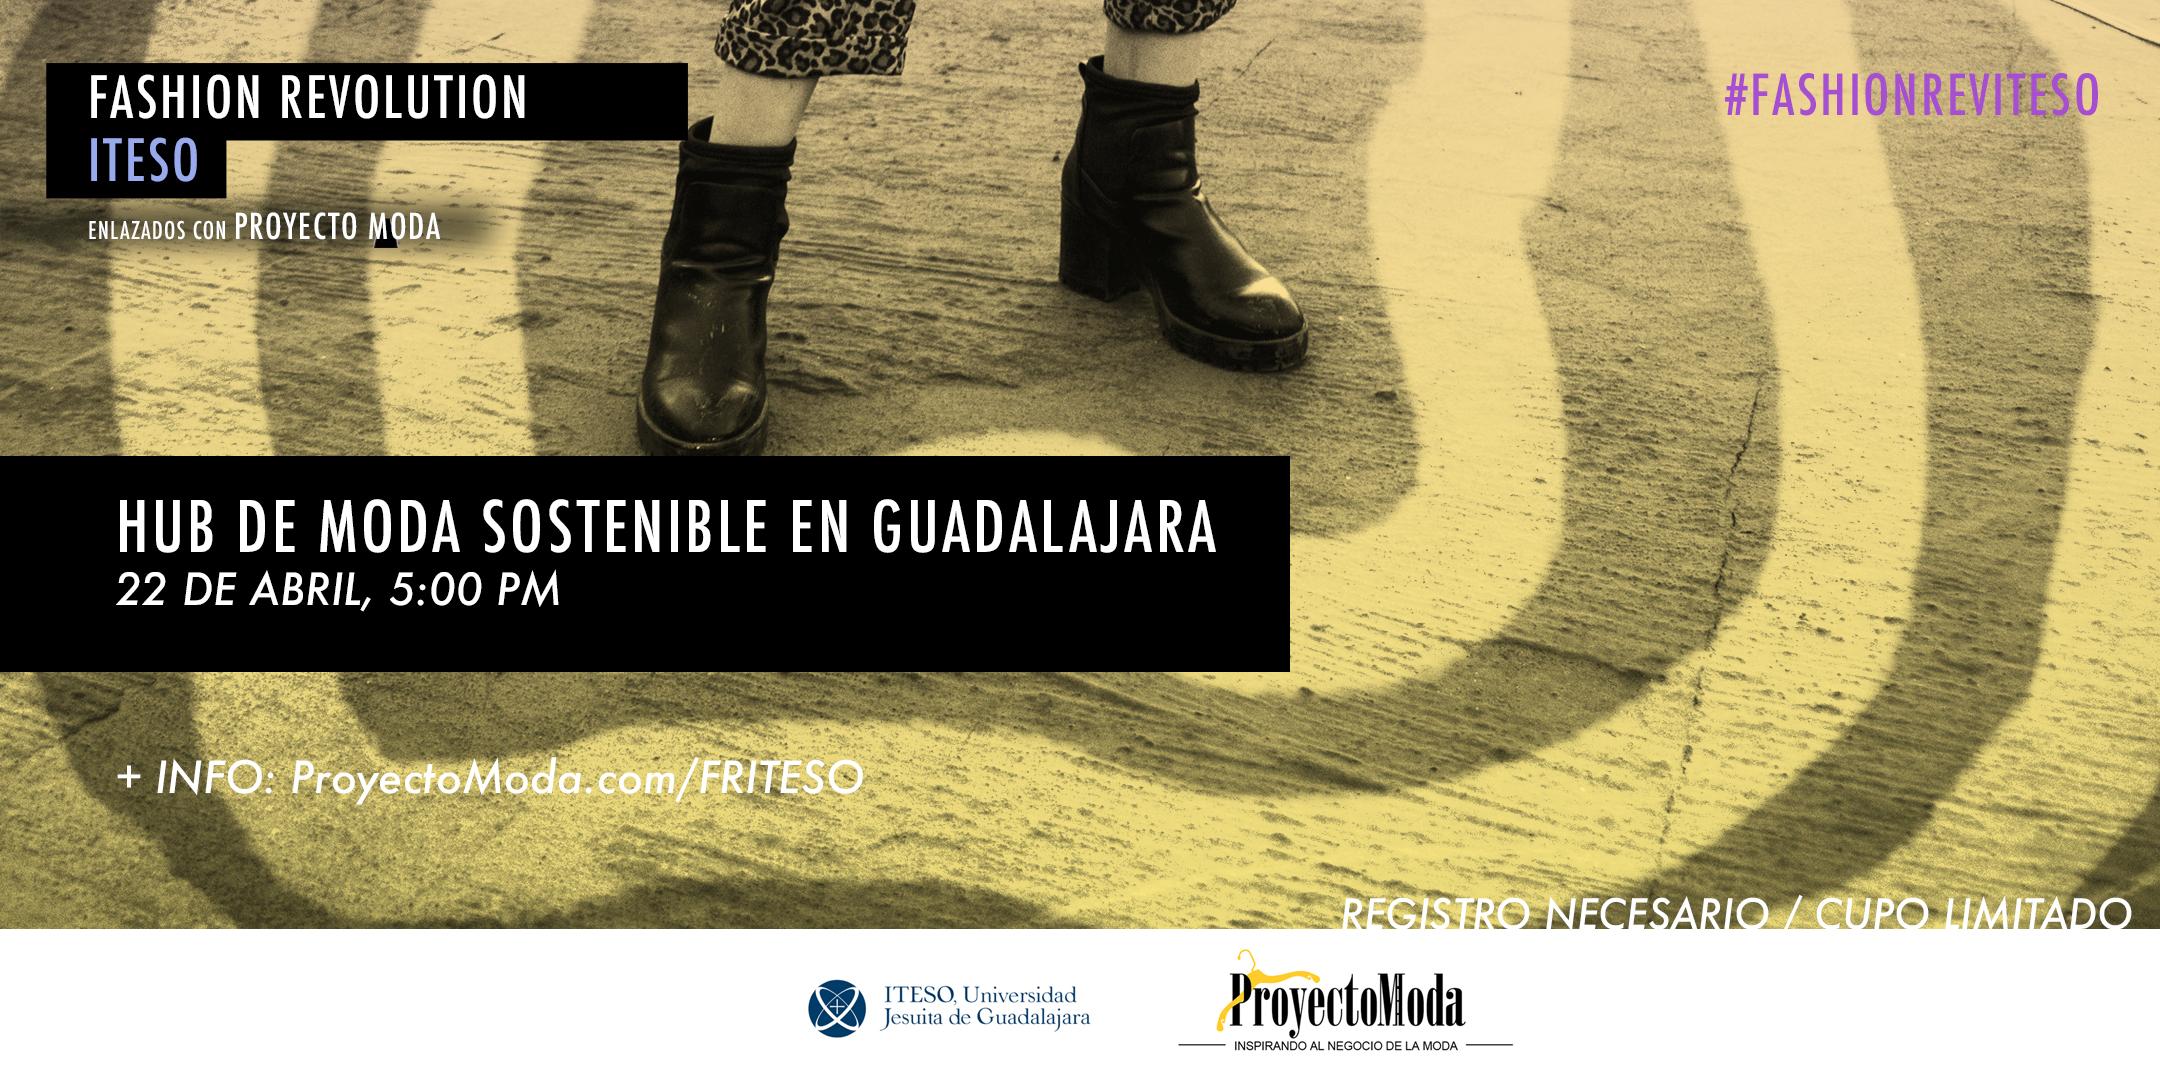 me_portada_eventbrite_2020_segmentacion_05